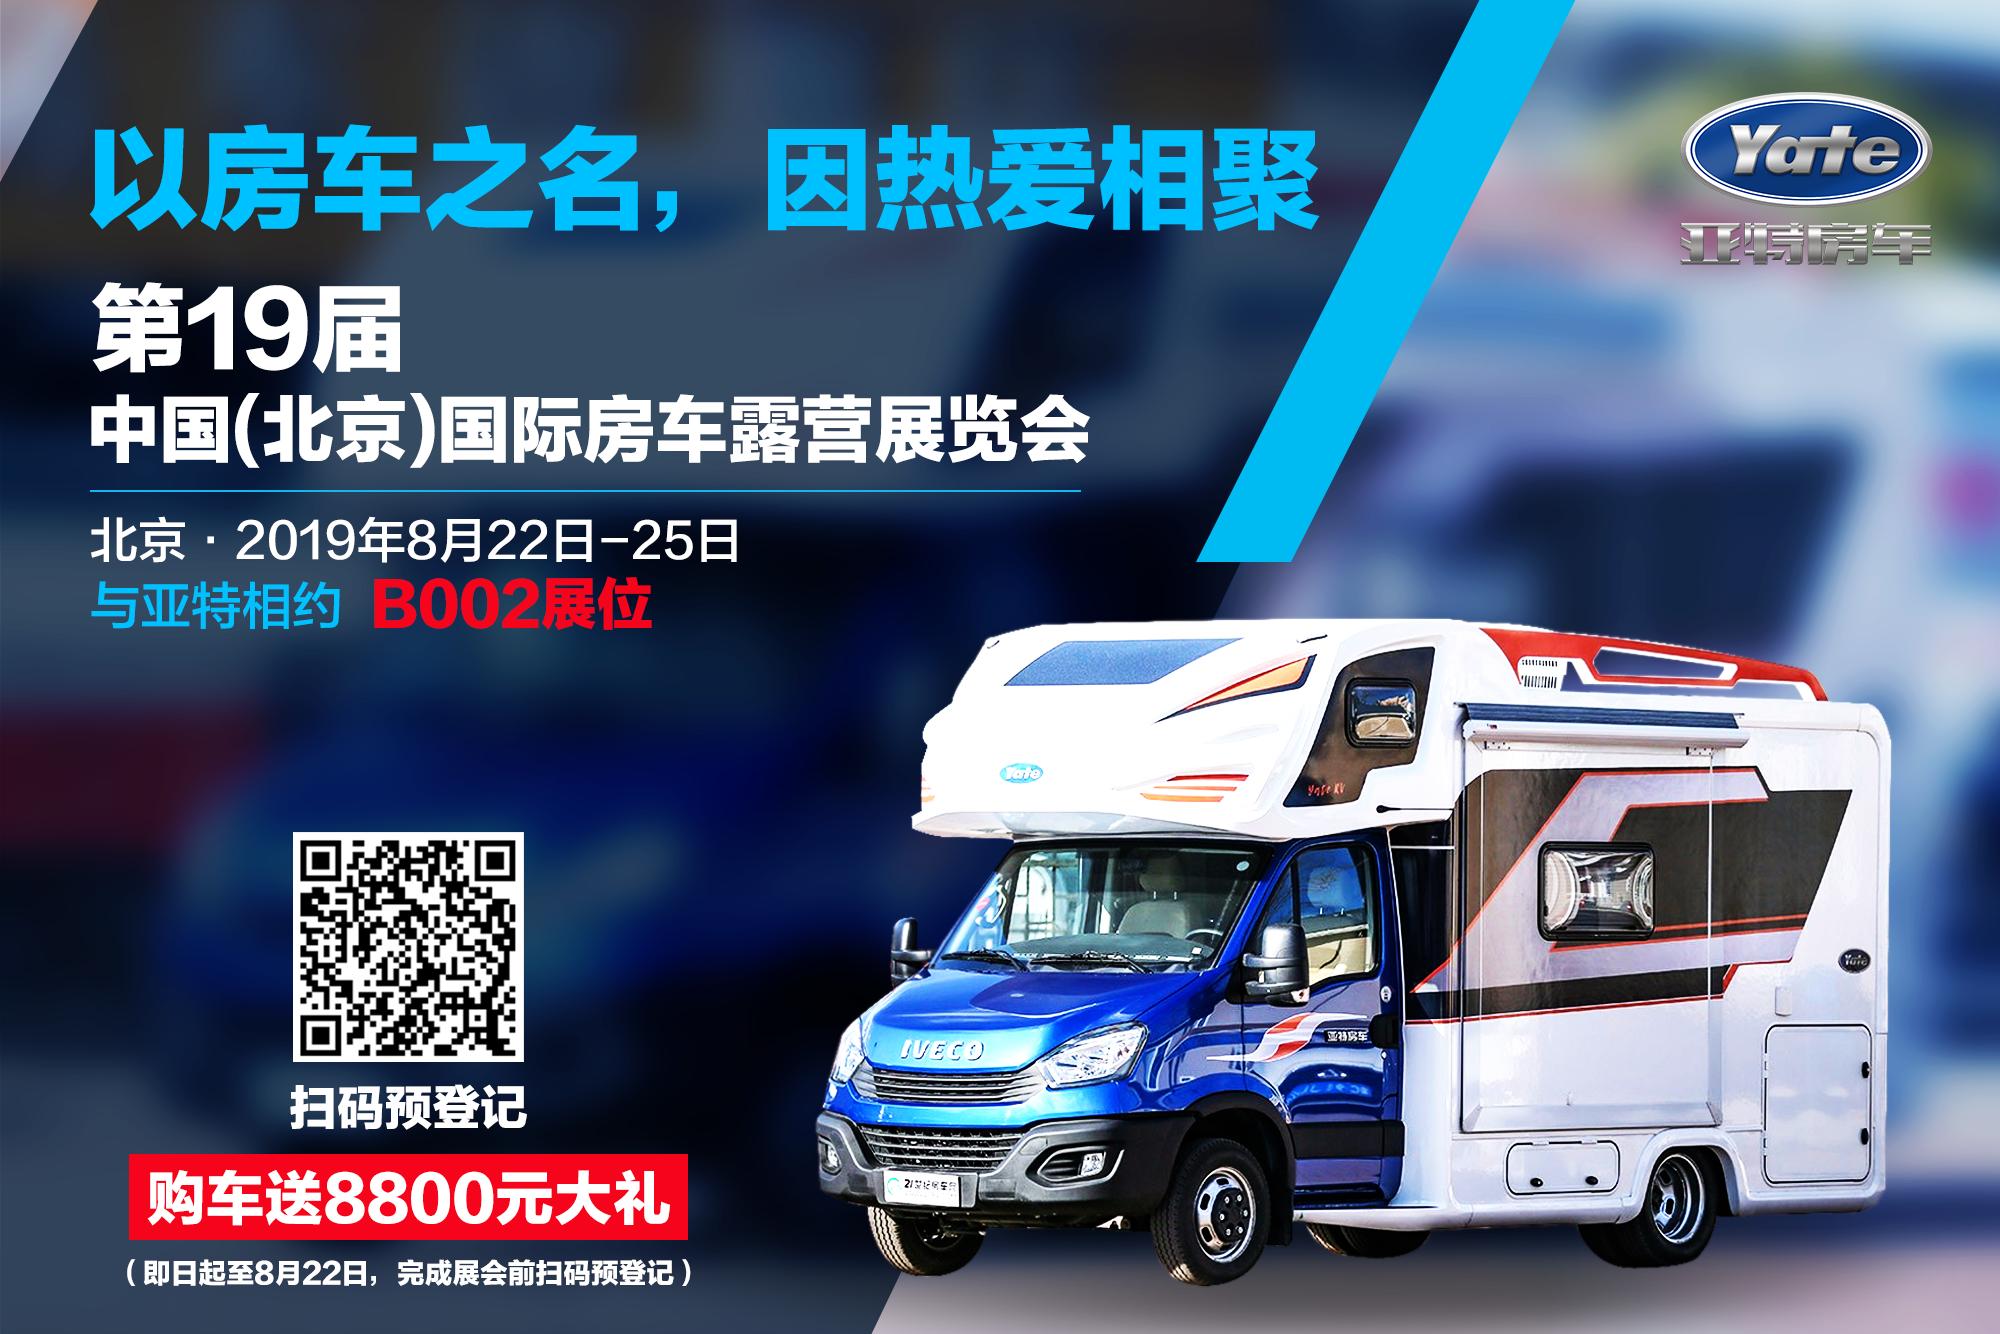 购车送8800元大礼 亚特房车8月北京房车展报名预登记